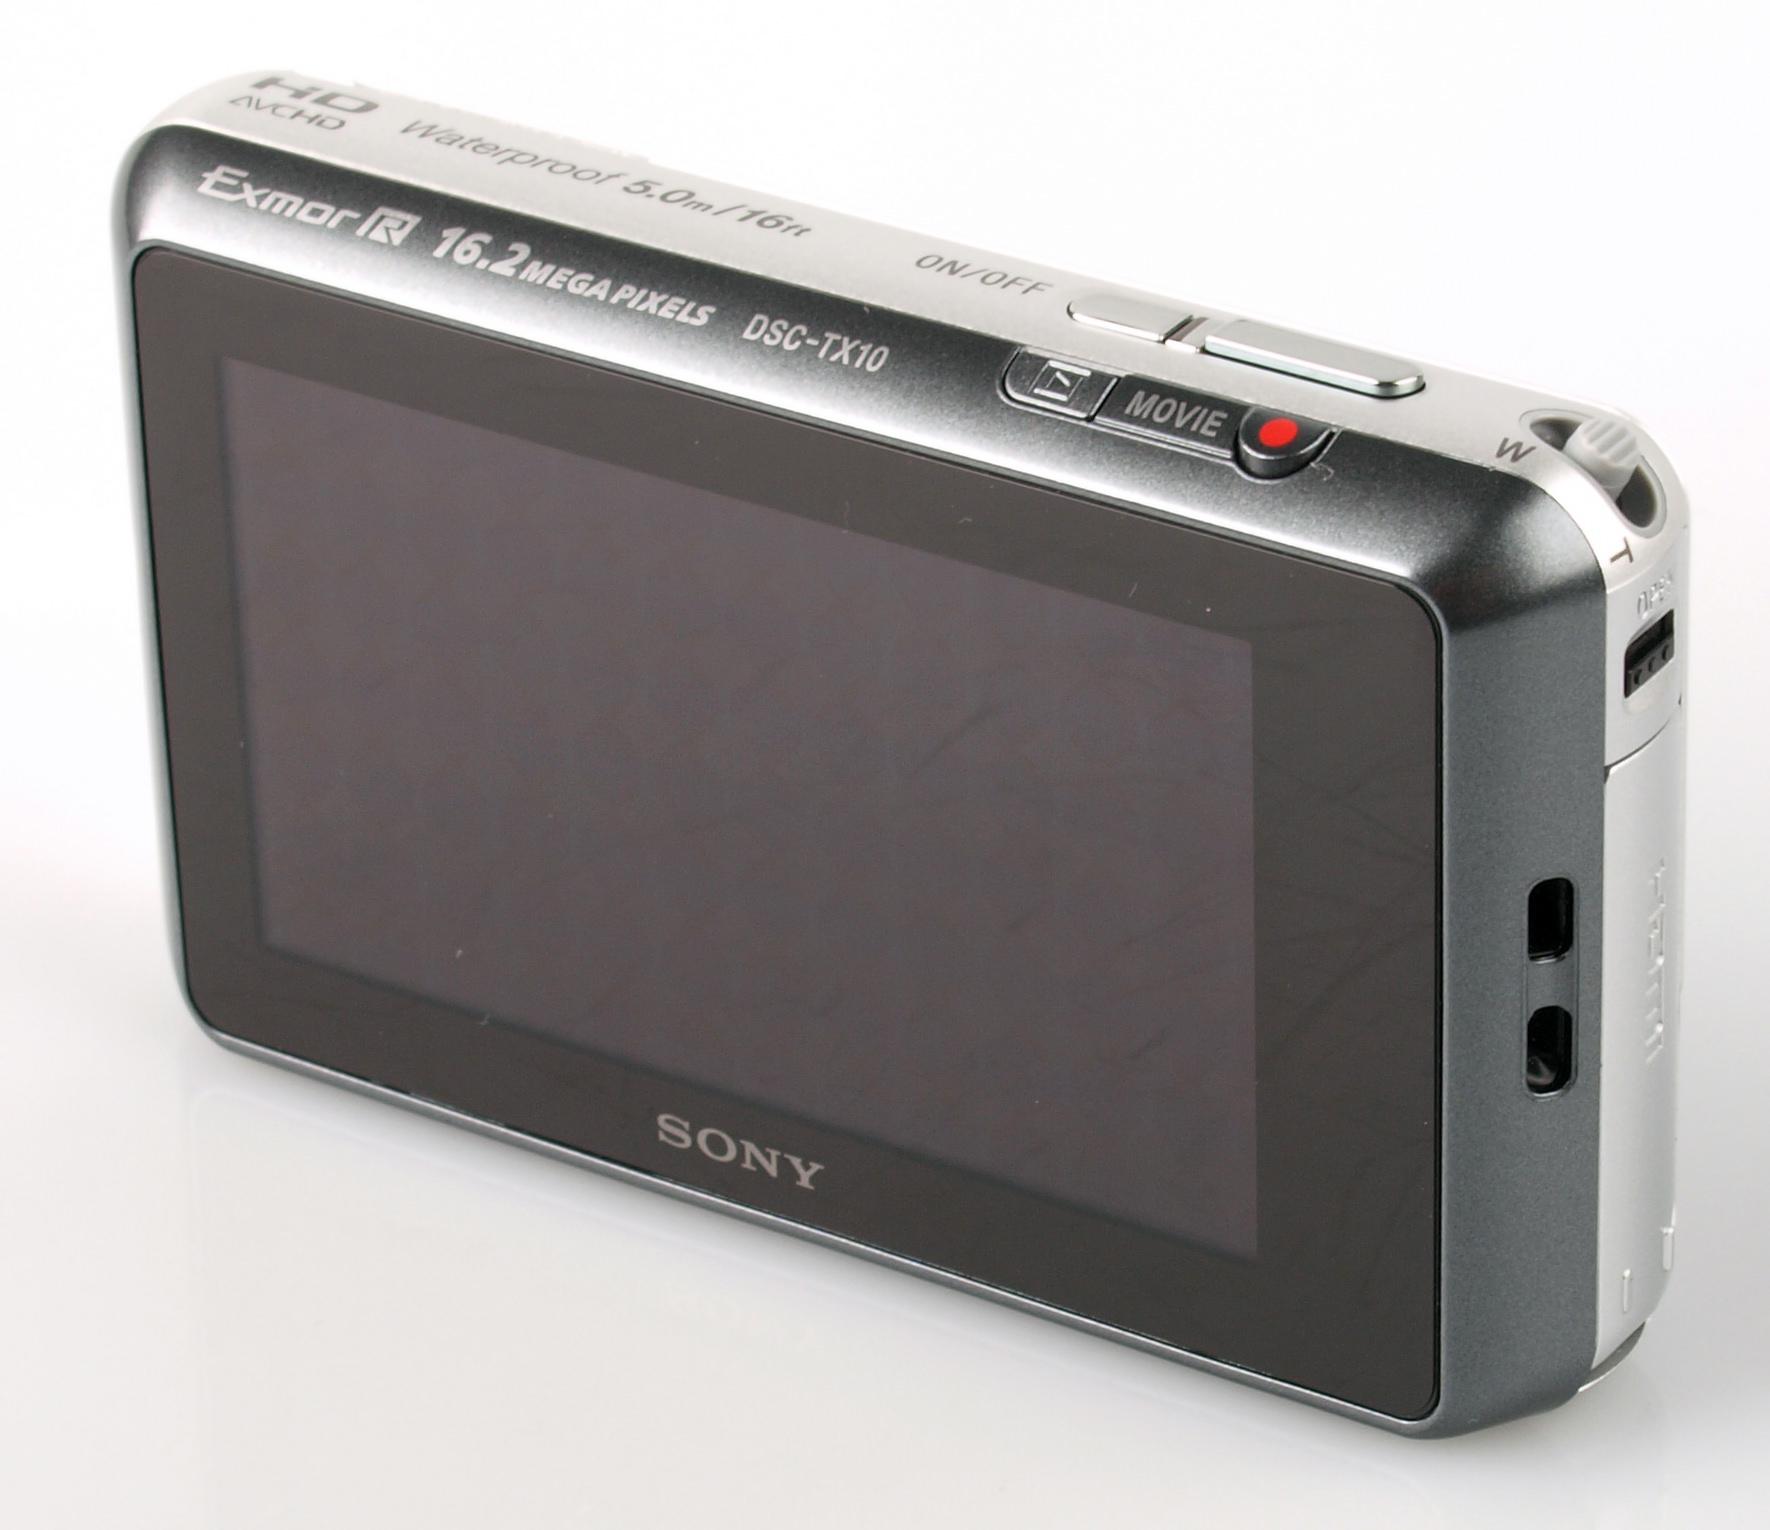 Sony Cybershot,Cyber-shot DSC-TX10